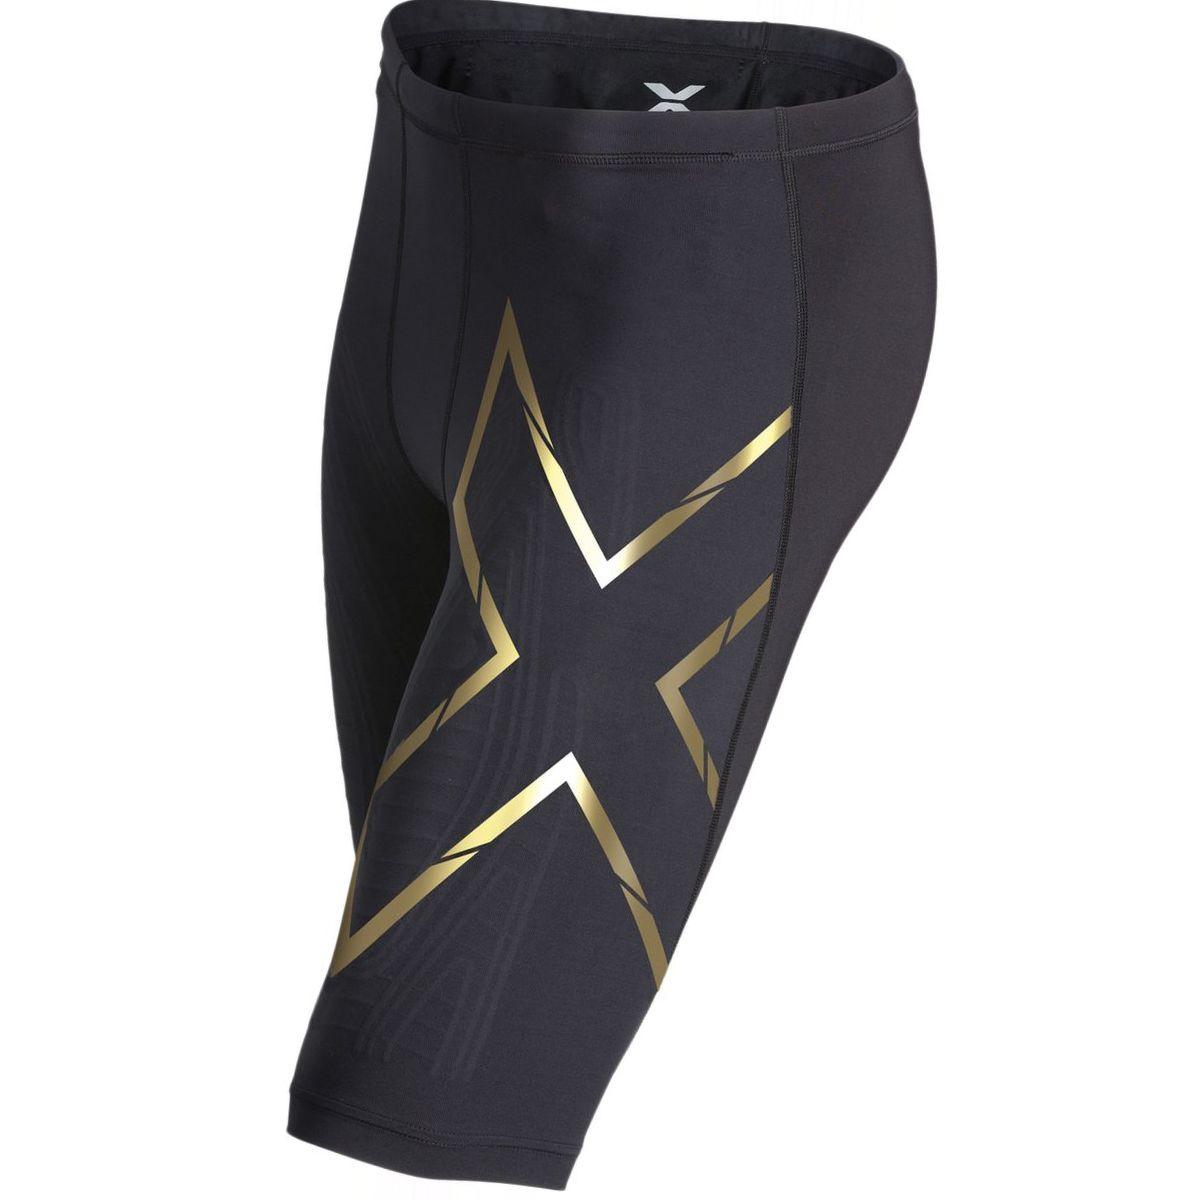 2XU Elite MCS Compression Short - Men's